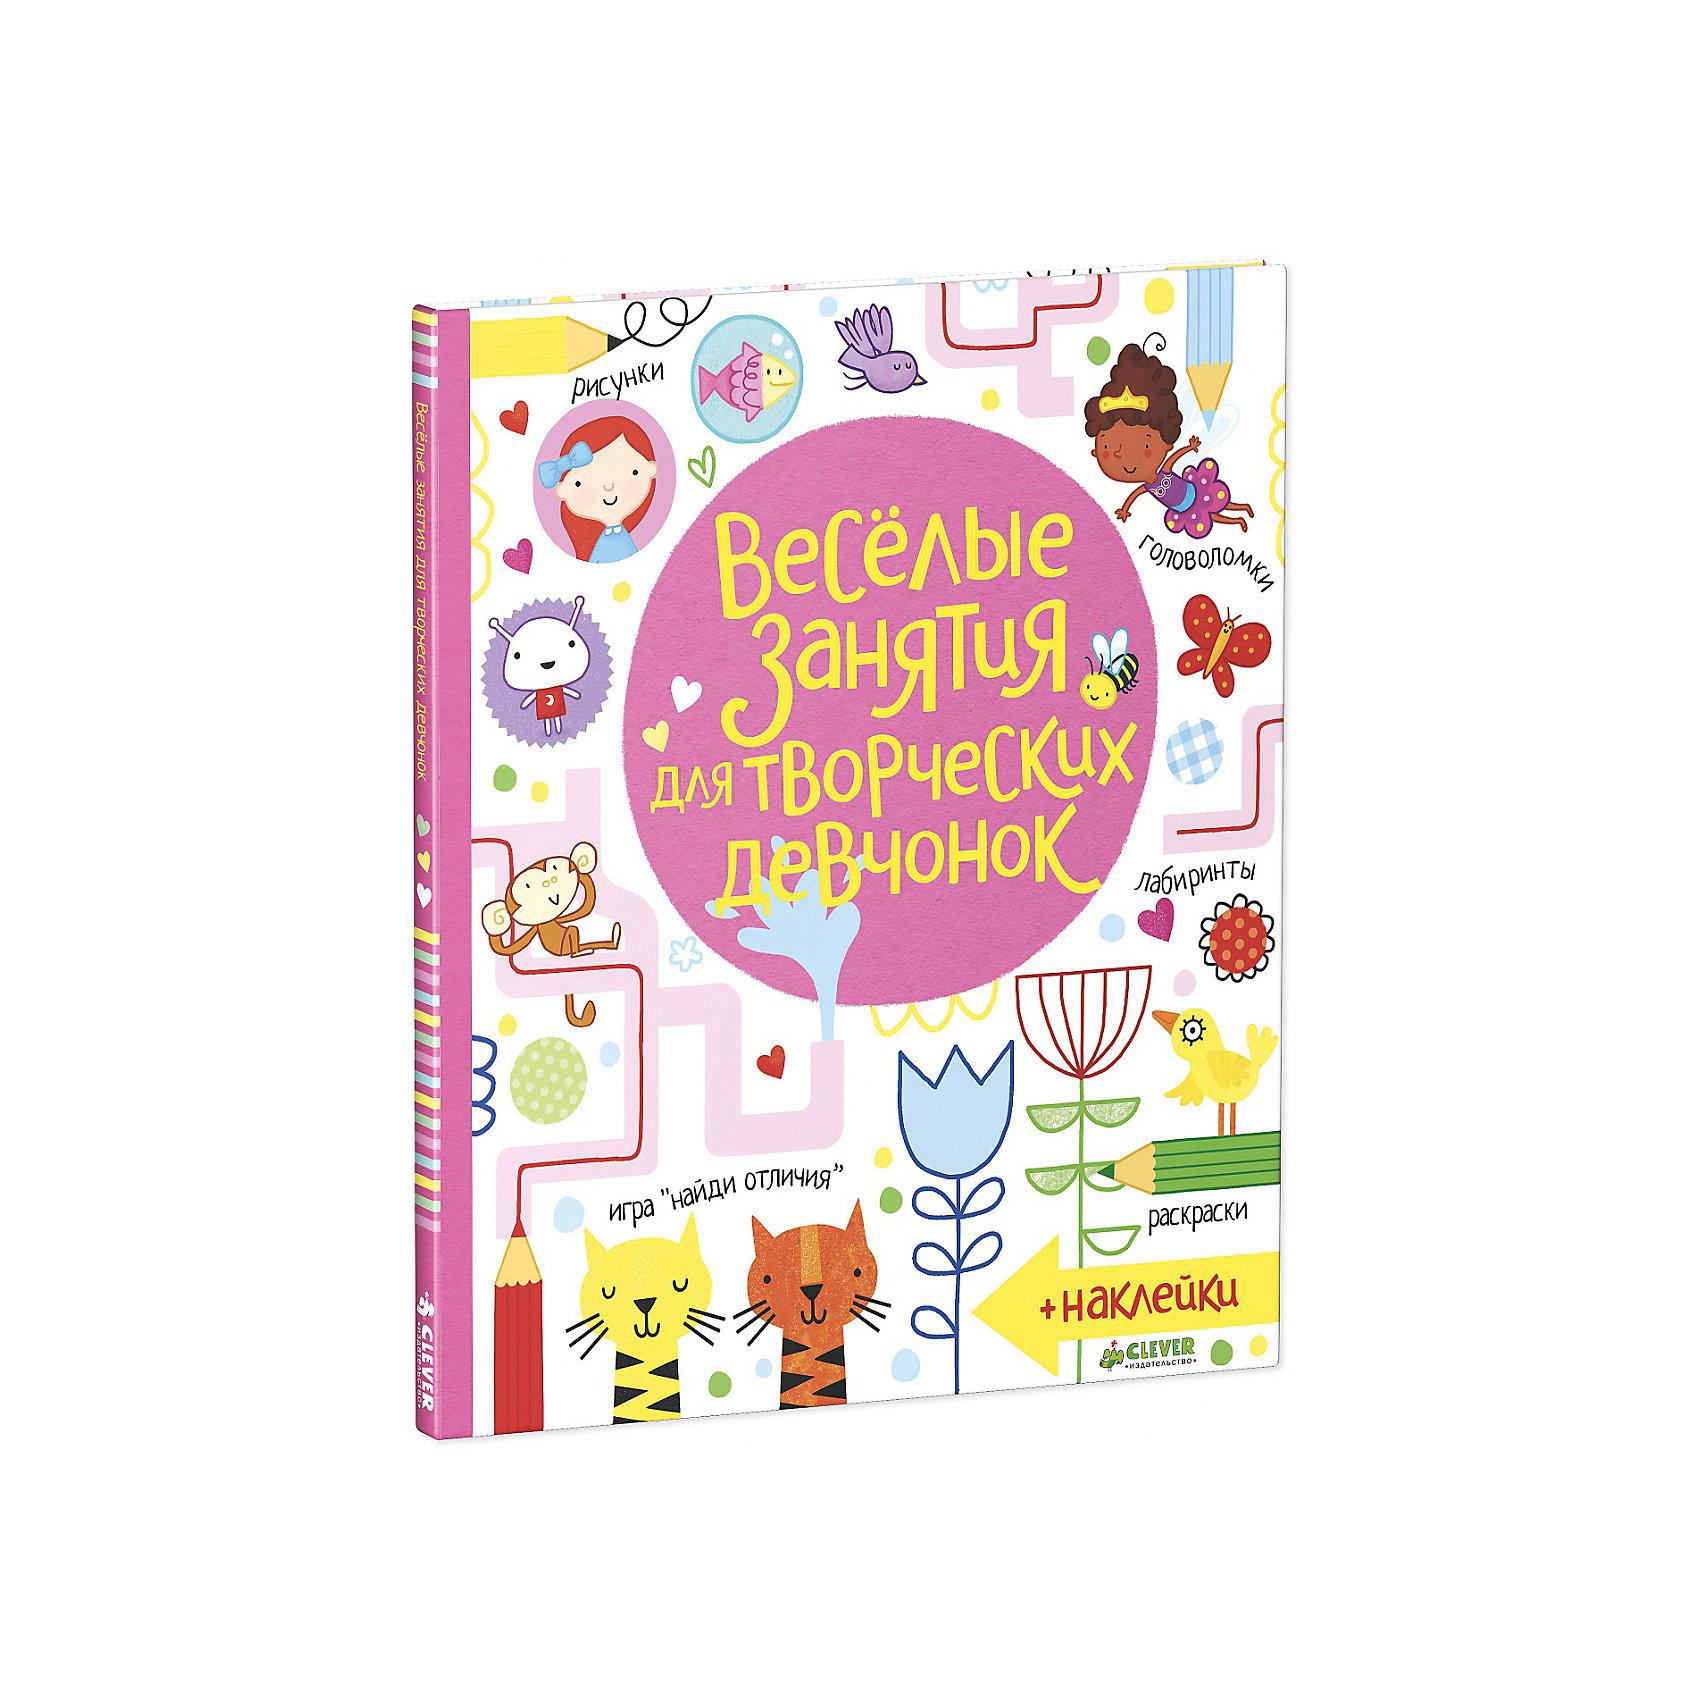 Книга с наклейками Весёлые занятия для творческих девчонокCLEVER (КЛЕВЕР)<br>Книга с наклейками Весёлые занятия для творческих девчонок не оставит равнодушной маленькую принцессу. В книге собрано множество веселых и увлекательных заданий, герои которых - волшебные принцессы и феи, бабочки, балерины и даже симпатичные монстрики. Задания имеют разный уровень сложности и каждая девочка найдет себе занятие по душе: можно раскрашивать или дорисовывать картинки, приклеивать наклейки, проходить лабиринты, искать лишние или одинаковые предметы, решать головоломки и множество других интересных задач на логику и сообразительность. Красивое оформление, отличное качество полиграфии, плотные странички и красочные картинки делают издание прекрасным подарком.<br><br>Дополнительная информация:<br><br>- Серия: Рисуем и играем.  <br>- Автор: Джеймс Маклейн, Луси Боуман.<br>- Художник: Эрика Харрисон, Бенедетта Гофре, Фред Блант.<br>- Переплет: мягкая обложка.<br>- Иллюстрации: цветные.<br>- Объем: 64 стр. <br>- Размер: 25 x 21,5 x 0,5 см.<br>- Вес: 0,266 кг. <br><br>Книгу с наклейками Весёлые занятия для творческих девчонок, Клевер Медиа Групп, можно купить в нашем интернет-магазине.<br><br>Ширина мм: 215<br>Глубина мм: 250<br>Высота мм: 10<br>Вес г: 280<br>Возраст от месяцев: 48<br>Возраст до месяцев: 72<br>Пол: Женский<br>Возраст: Детский<br>SKU: 4501131